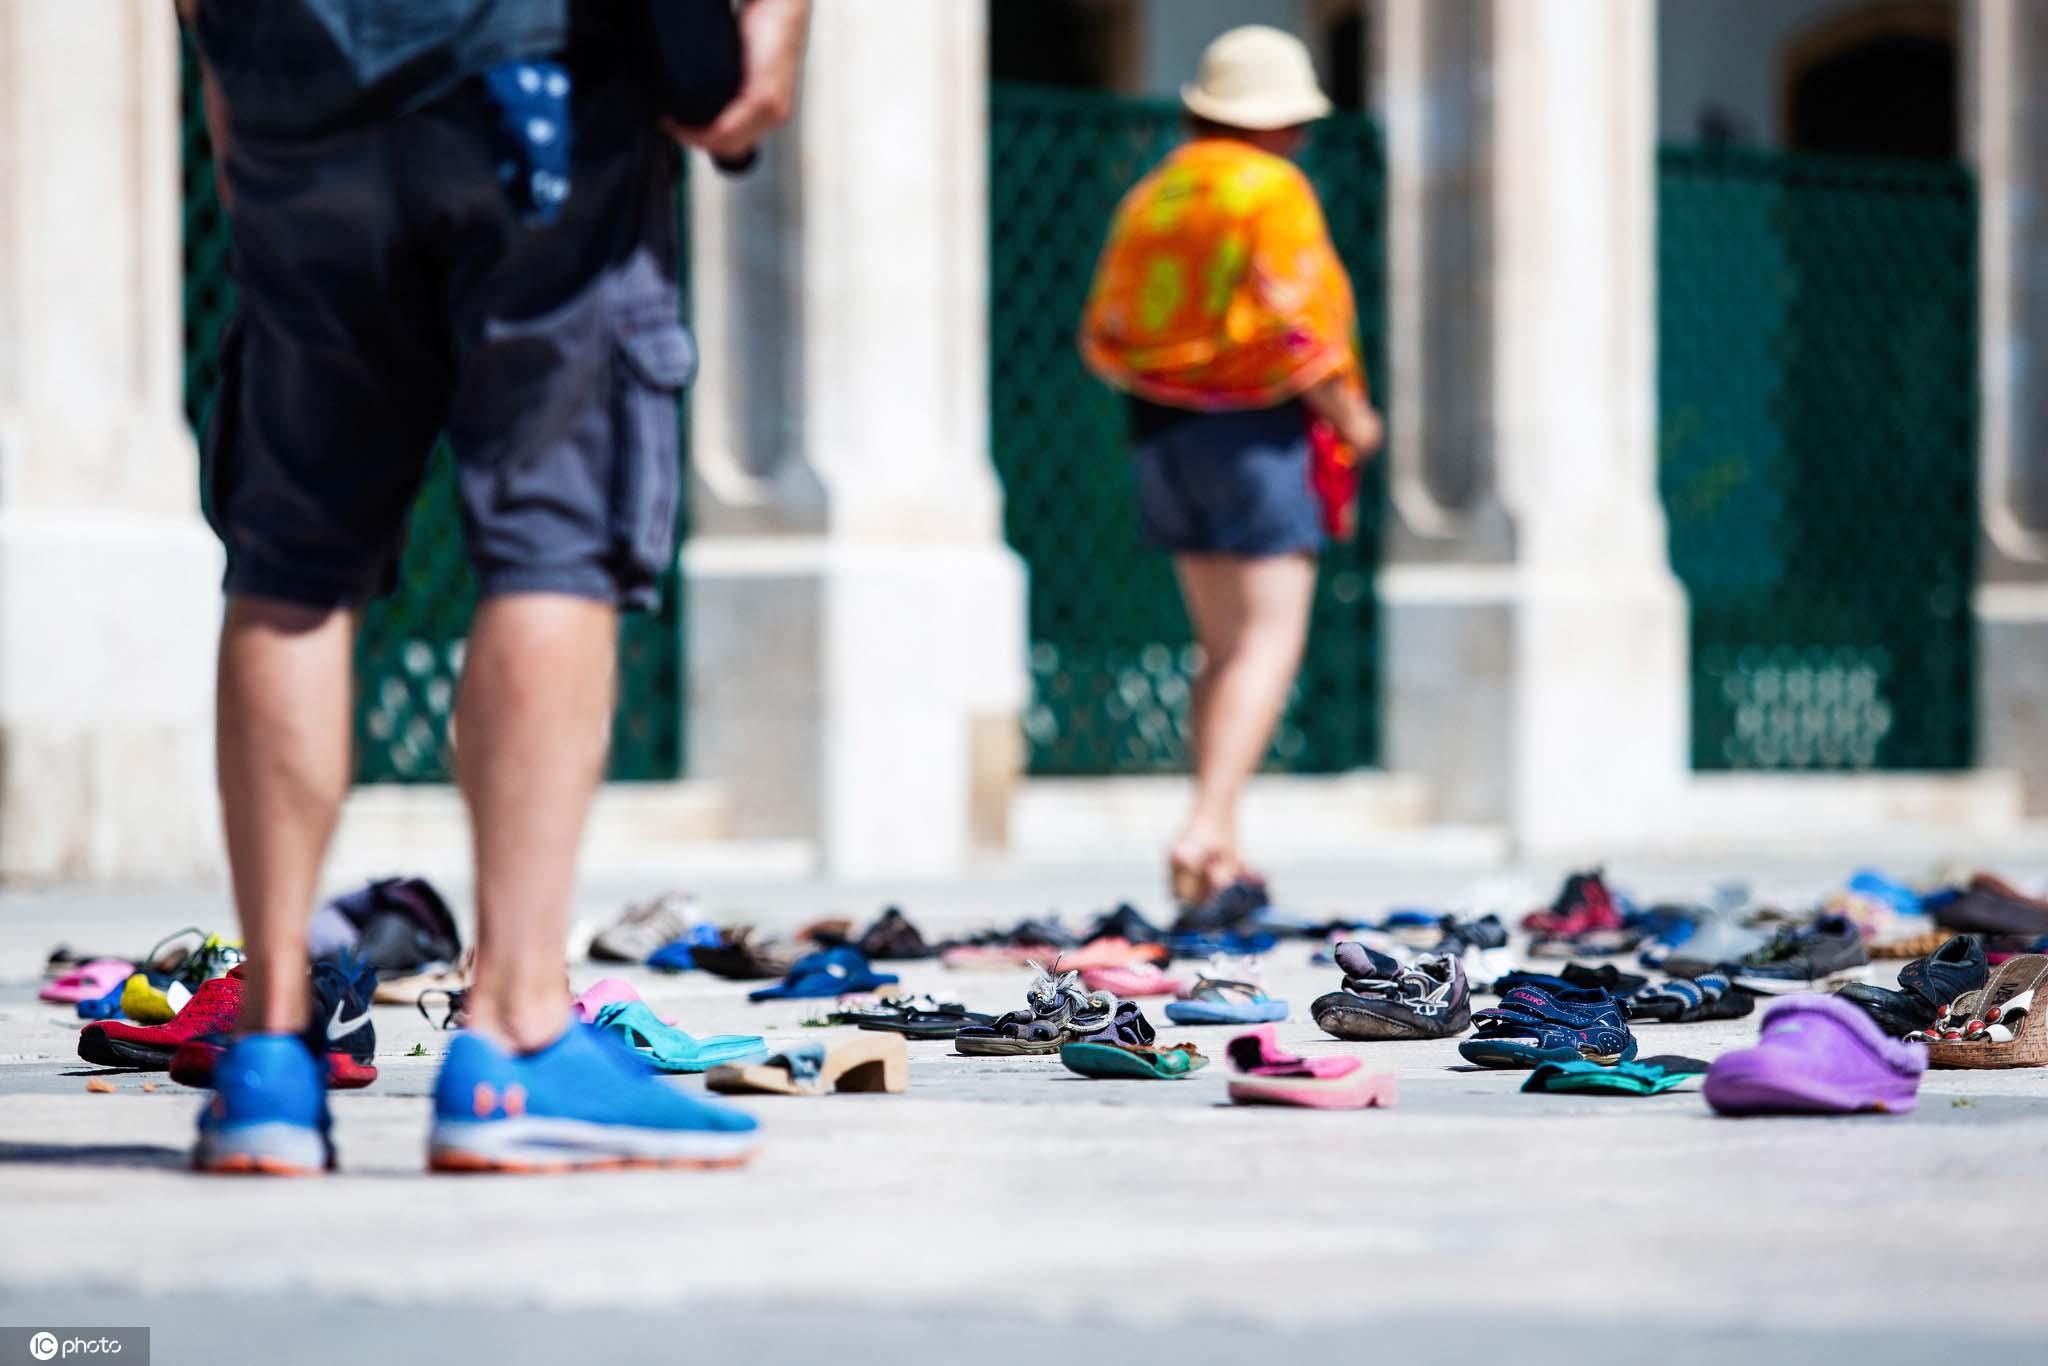 荷兰艺术家广场上摆放1000只鞋子呼吁废物循环利用